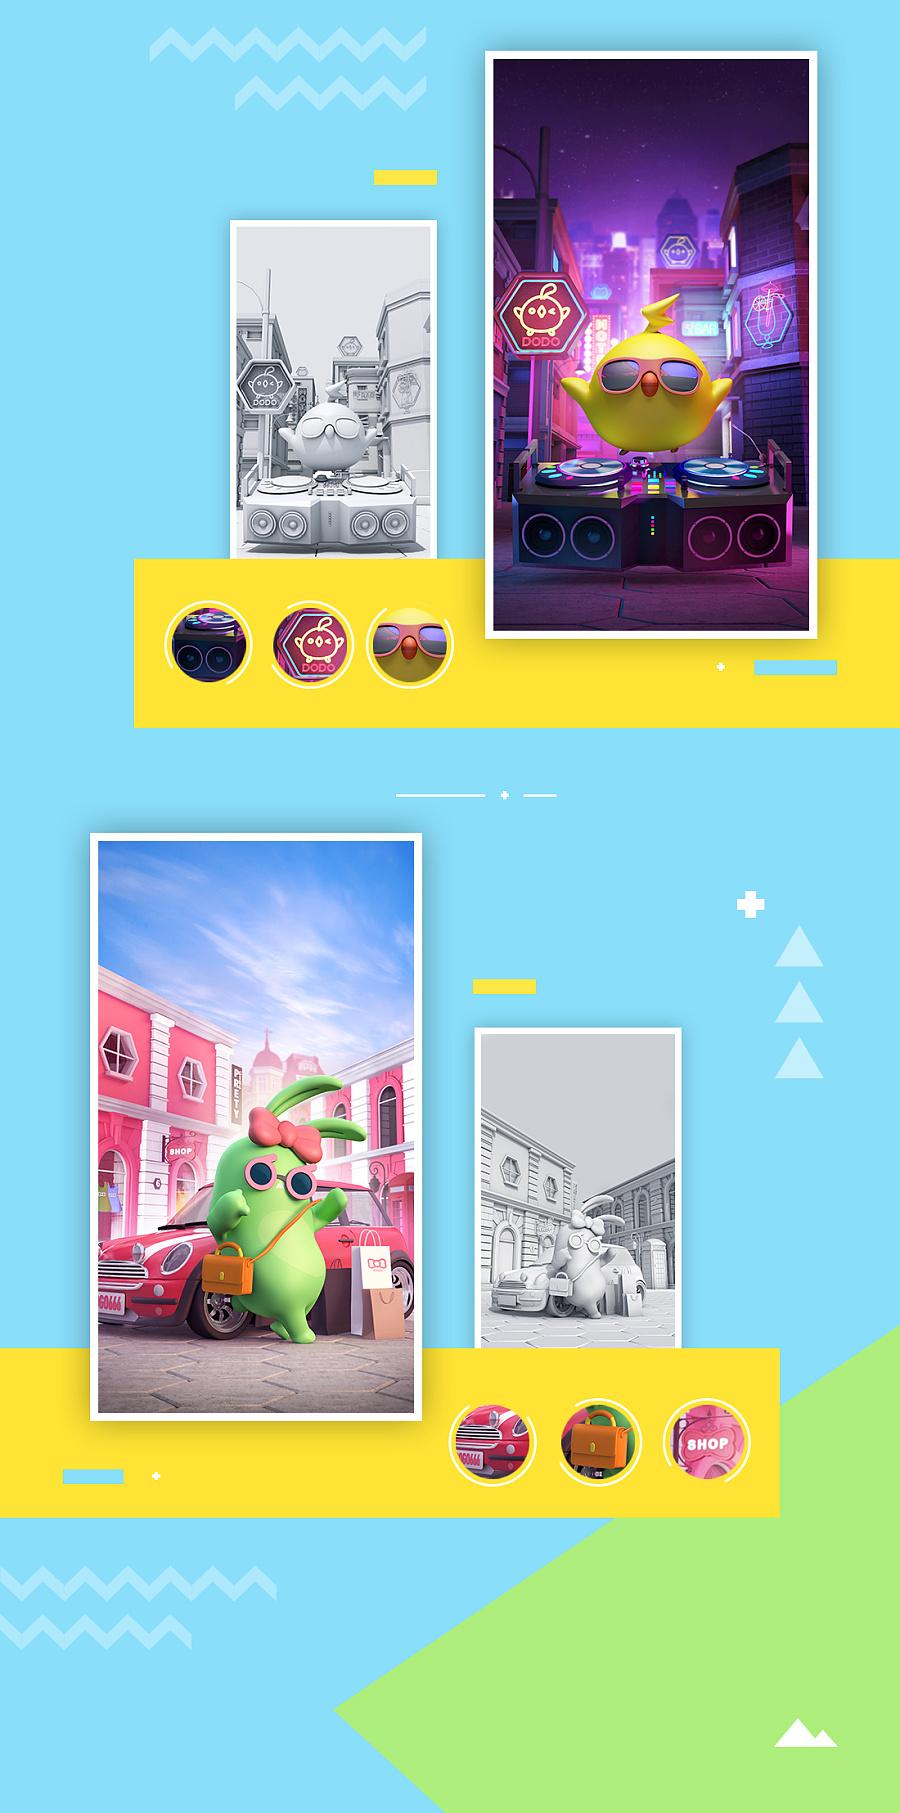 查看《WISEMIND - 消除者联盟3D品牌H5》原图,原图尺寸:1100x2216